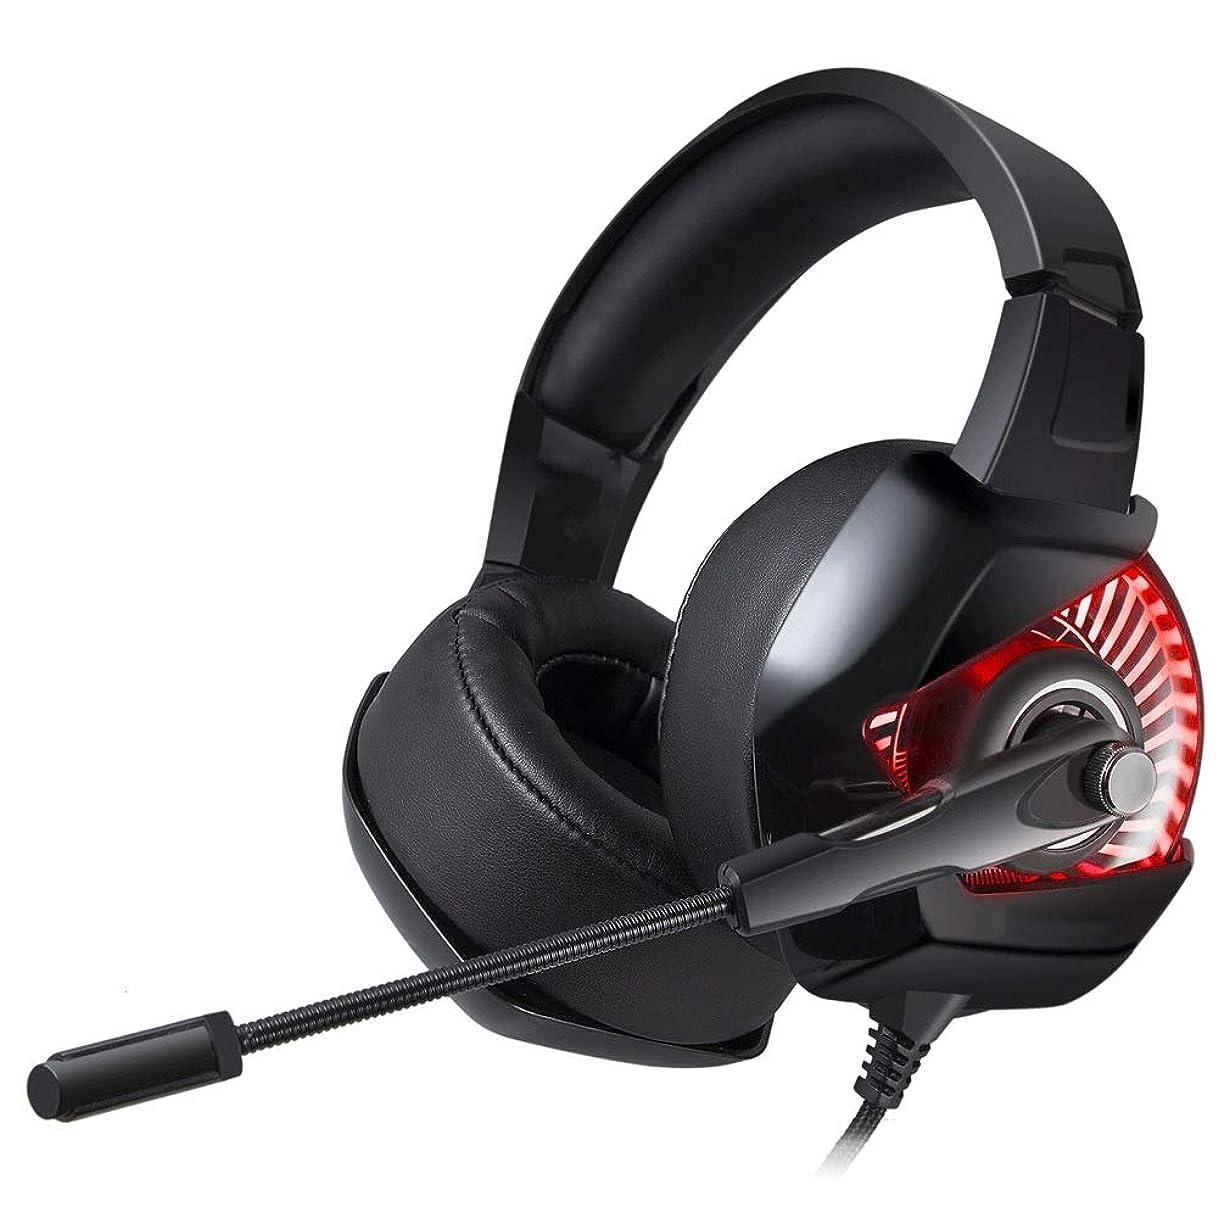 織機すぐに拾う7.1 PC、PS4、Xbox Oneホームゲームオフィス用のヘッドフォンをキャンセルするサラウンドサウンドステレオノイズ (Color : 赤)